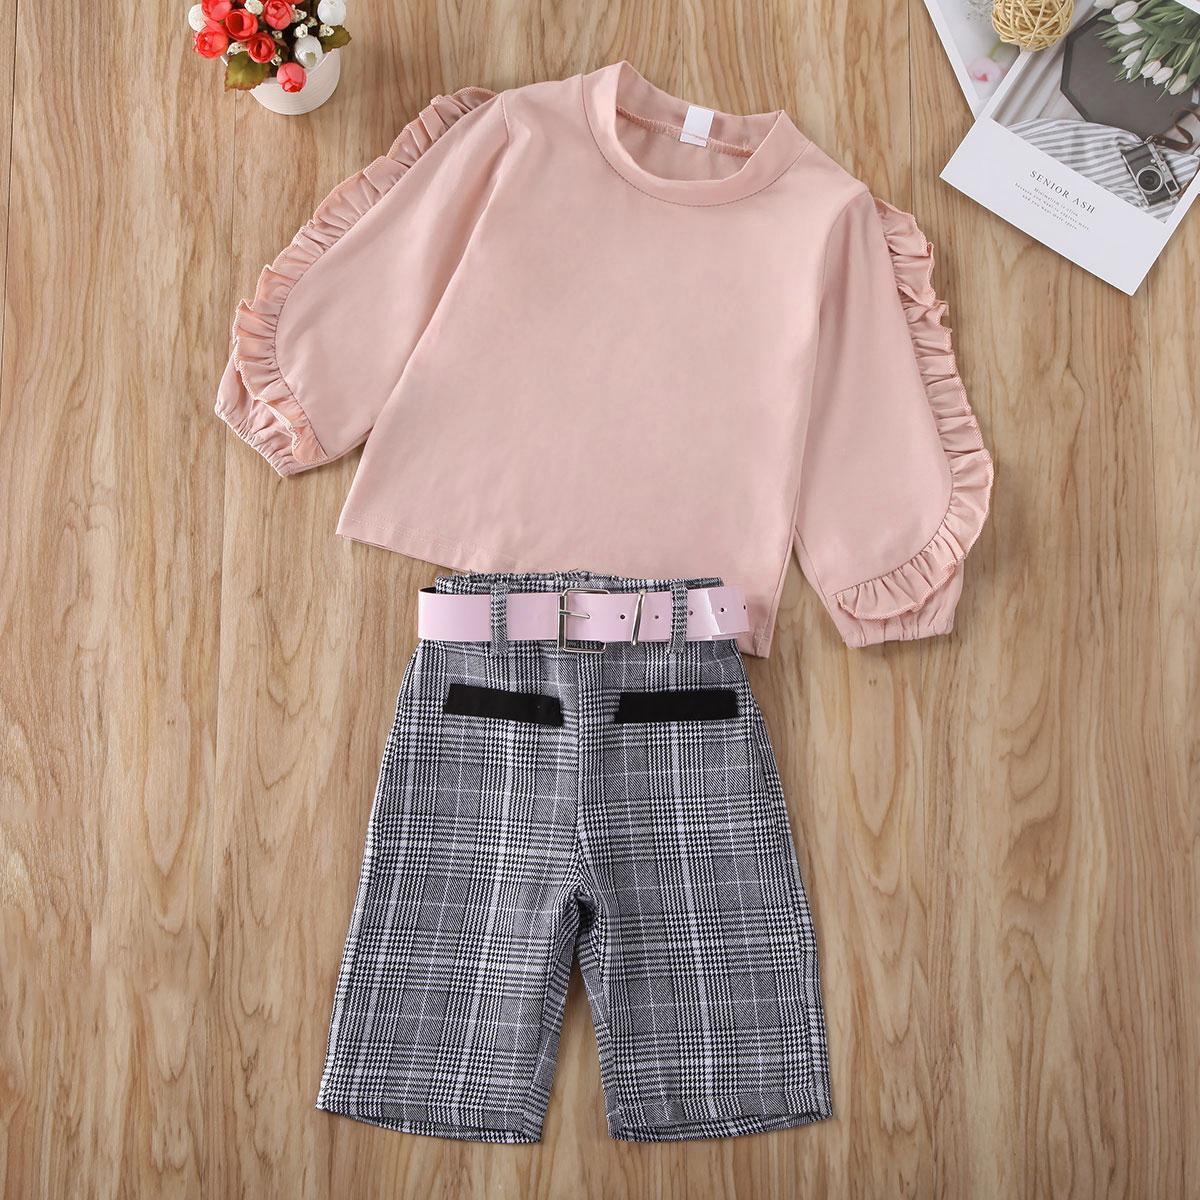 Pudcoco niño del bebé ropa de la manga larga de color sólido volante camisetas Pantalones cortos de las telas escocesas de la correa traje ropa de algodón Set